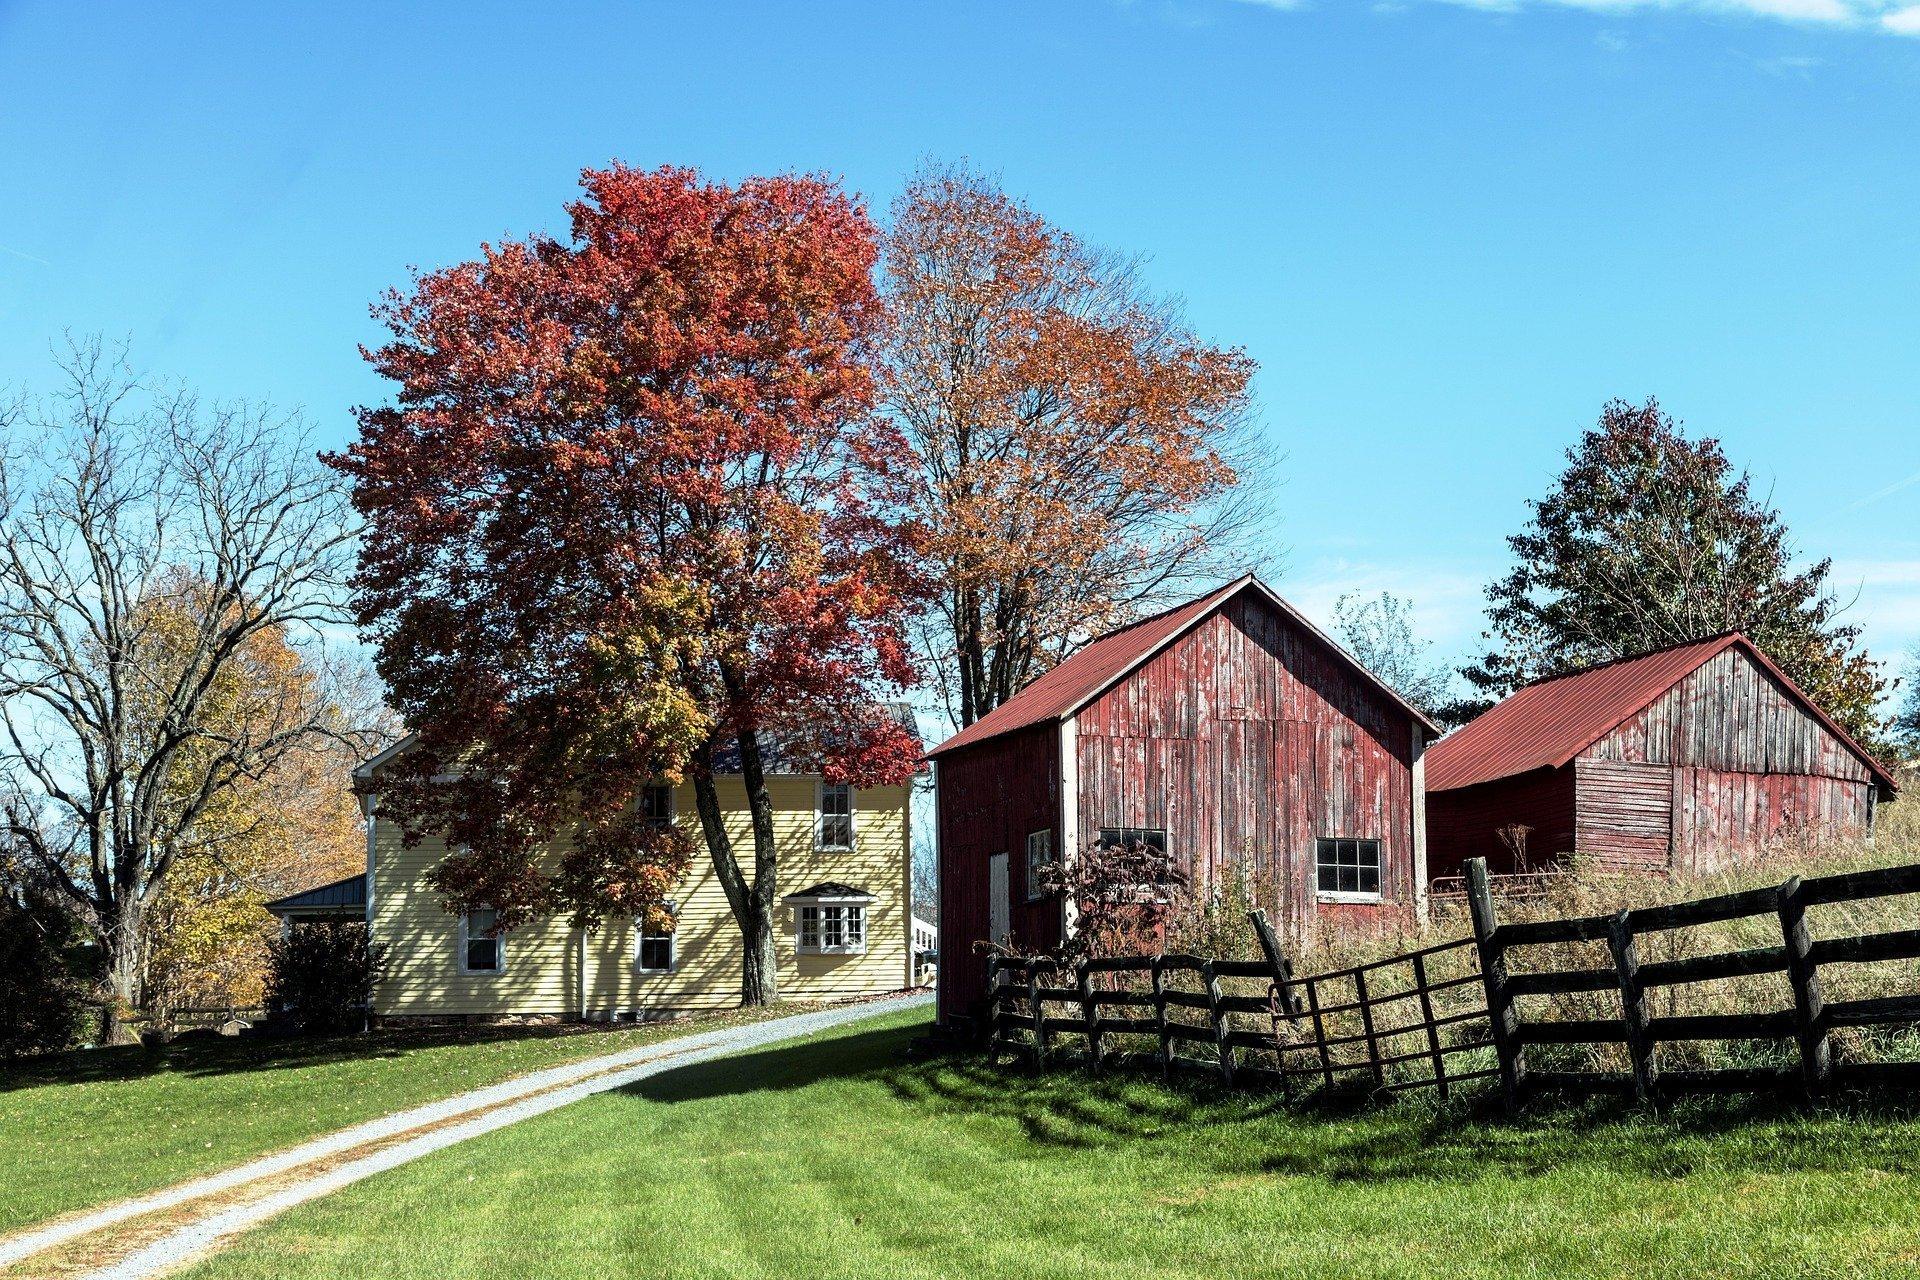 Une ferme à la campagne. | Photo : Falkenpost/Pixabay